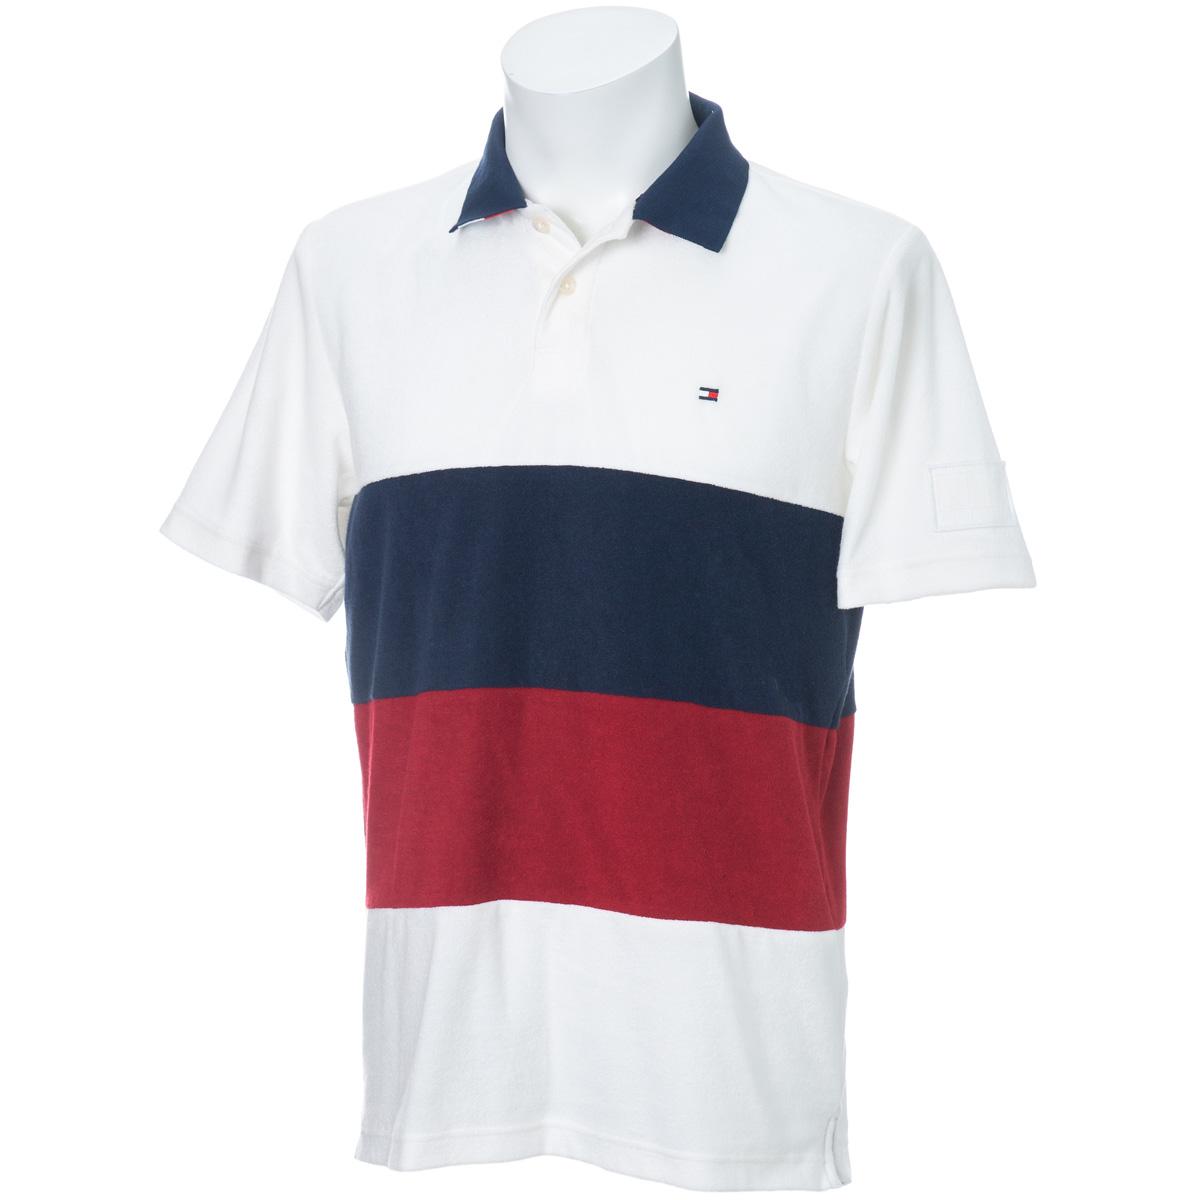 TERRY 半袖ポロシャツ